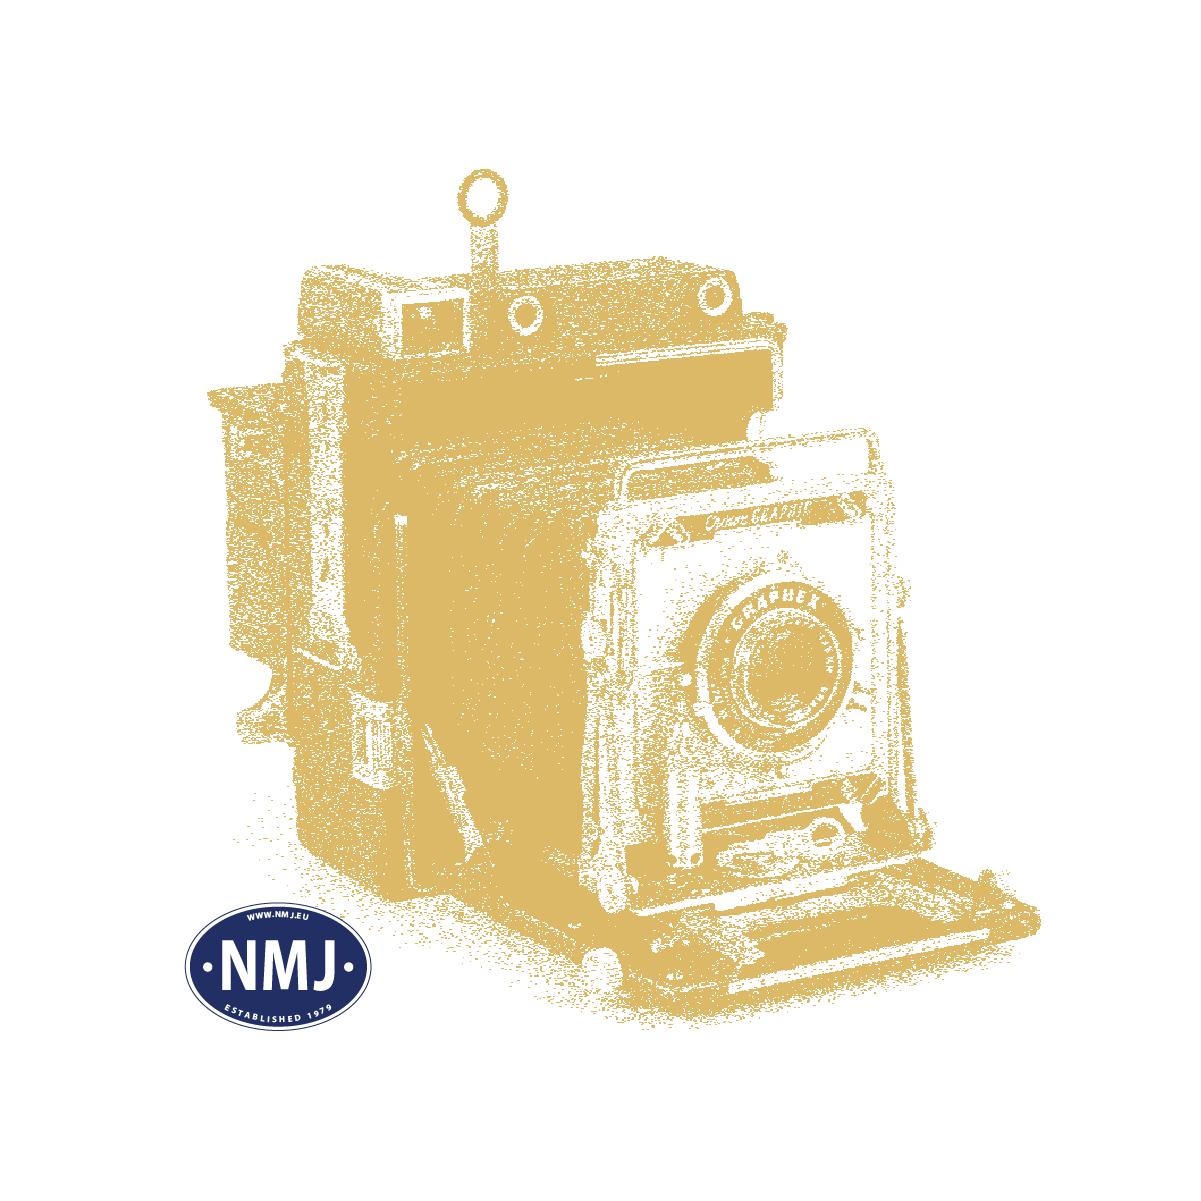 TAM82144 - LP-44 Metallic Orange, Lacquer Paint, 10ml